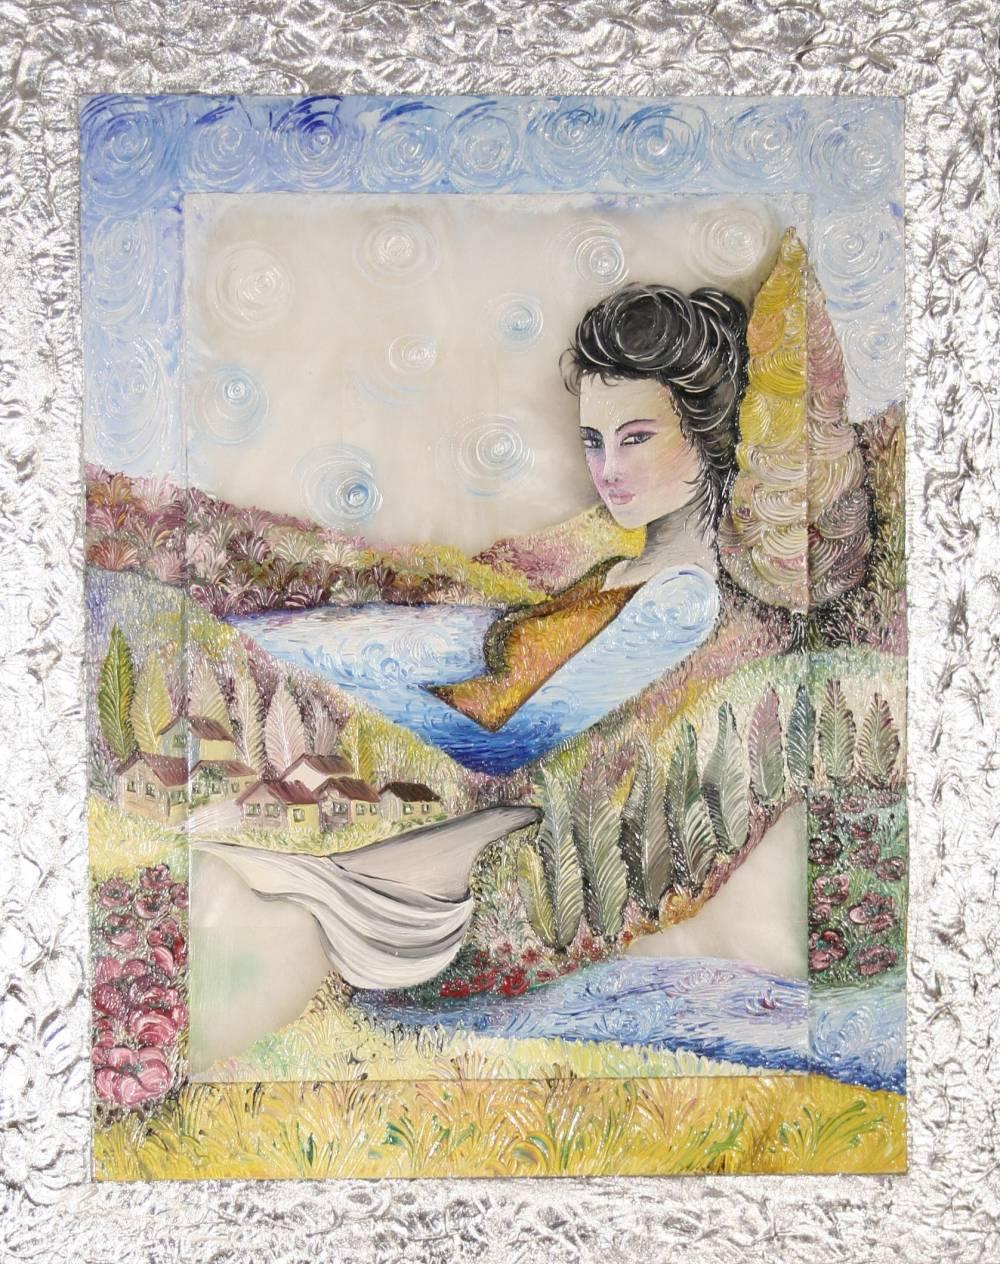 AL DI LA´ DEL LAGO - quadro 40,5 cm x h 50,5 cm - olio su pietra alabastro e tavola - anno 2013